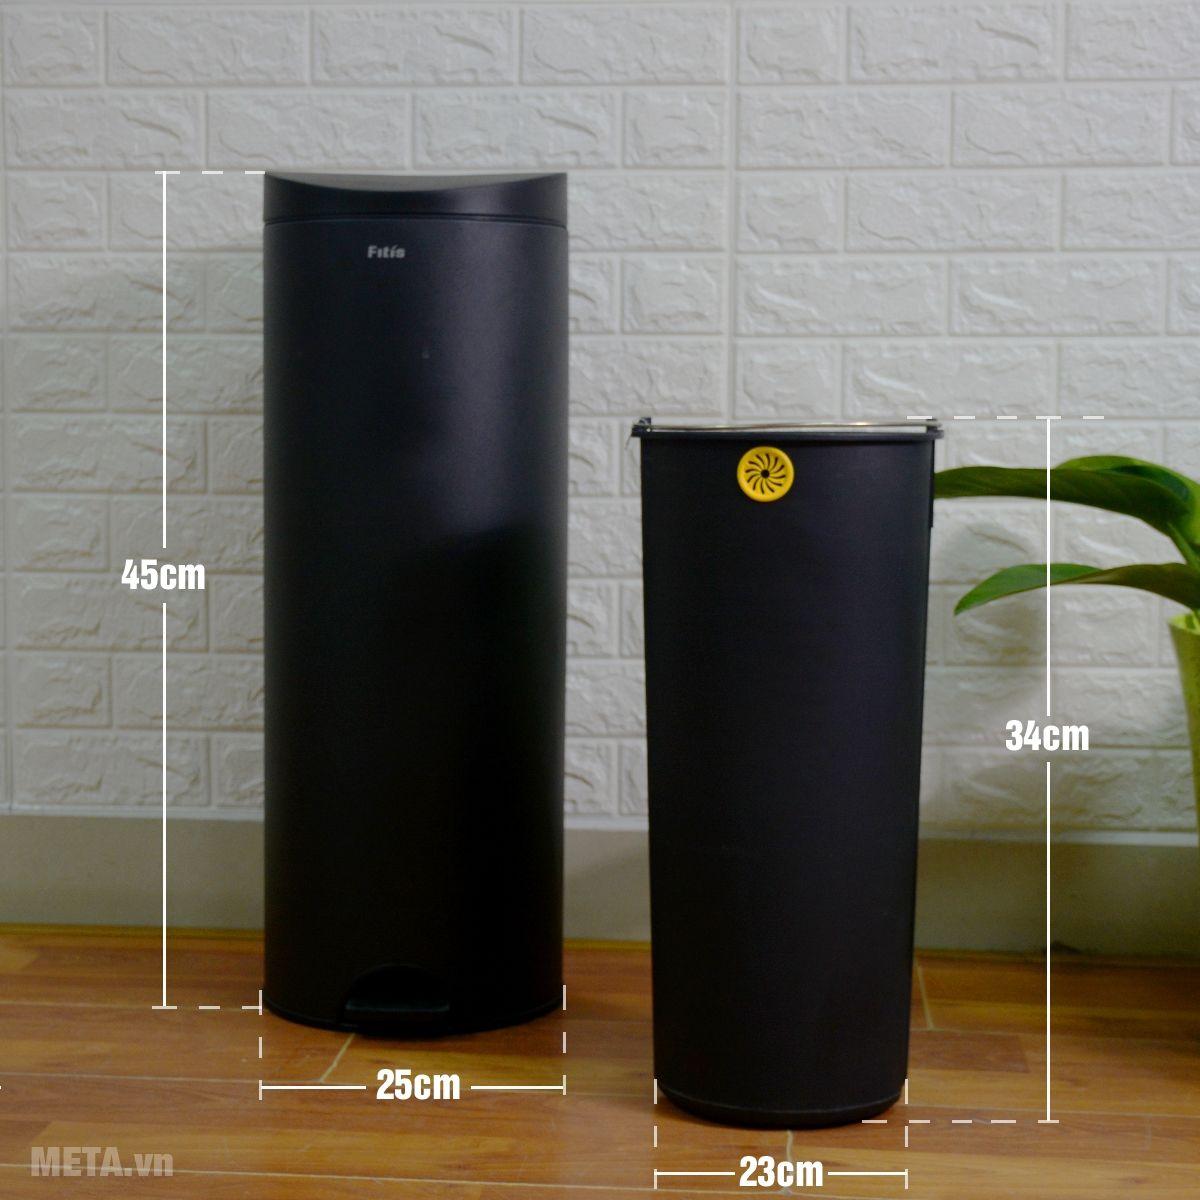 Kích thước thùng rác Fitis RPL1-903